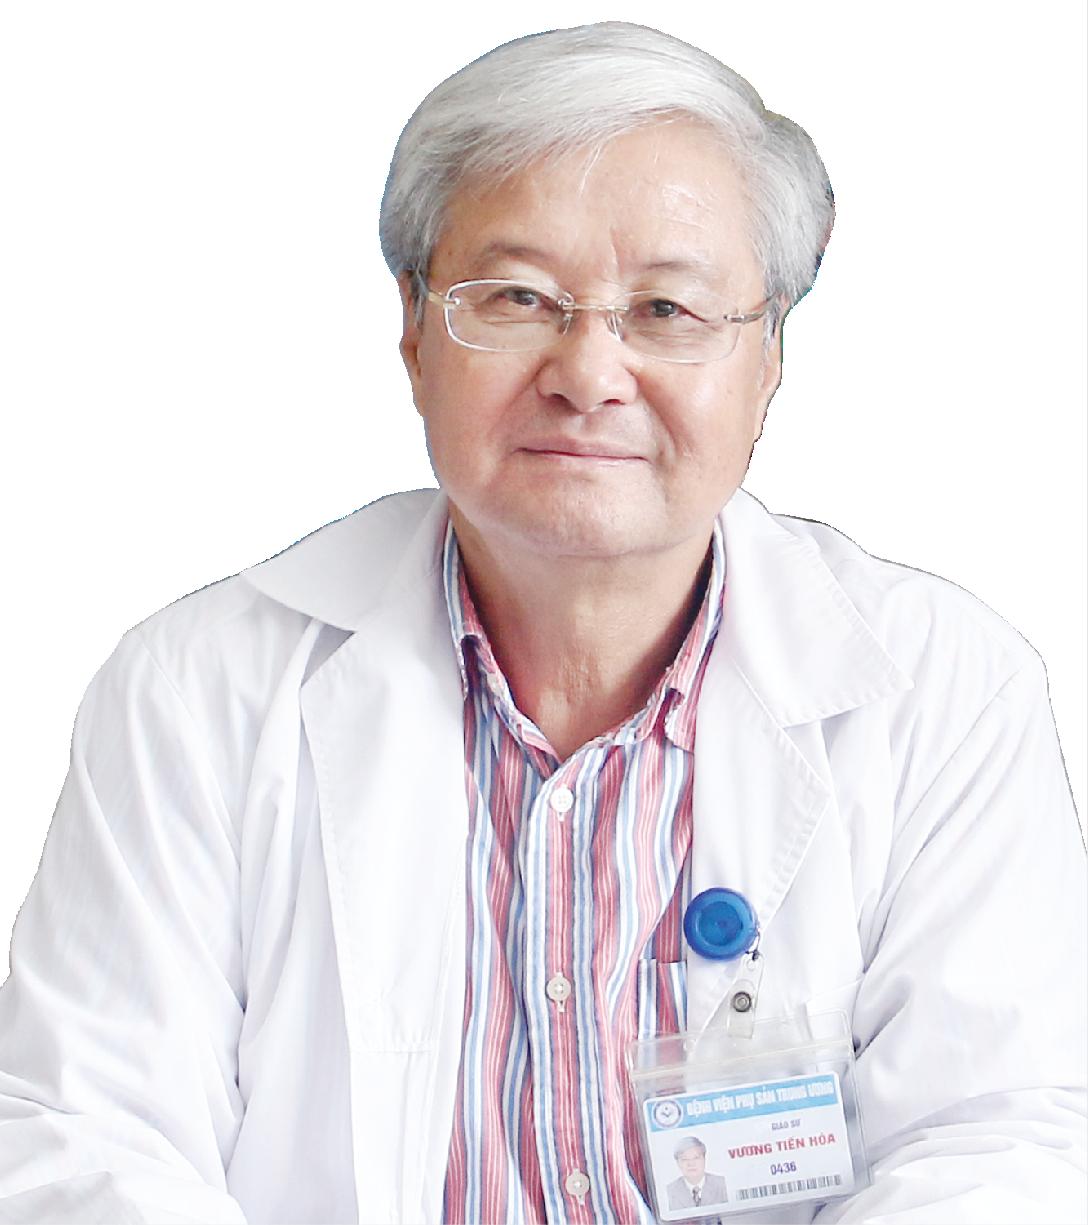 ý kiến của GS.TS Vương Tiến Hòa về sản phẩm vitamin bà bầu PreIQ